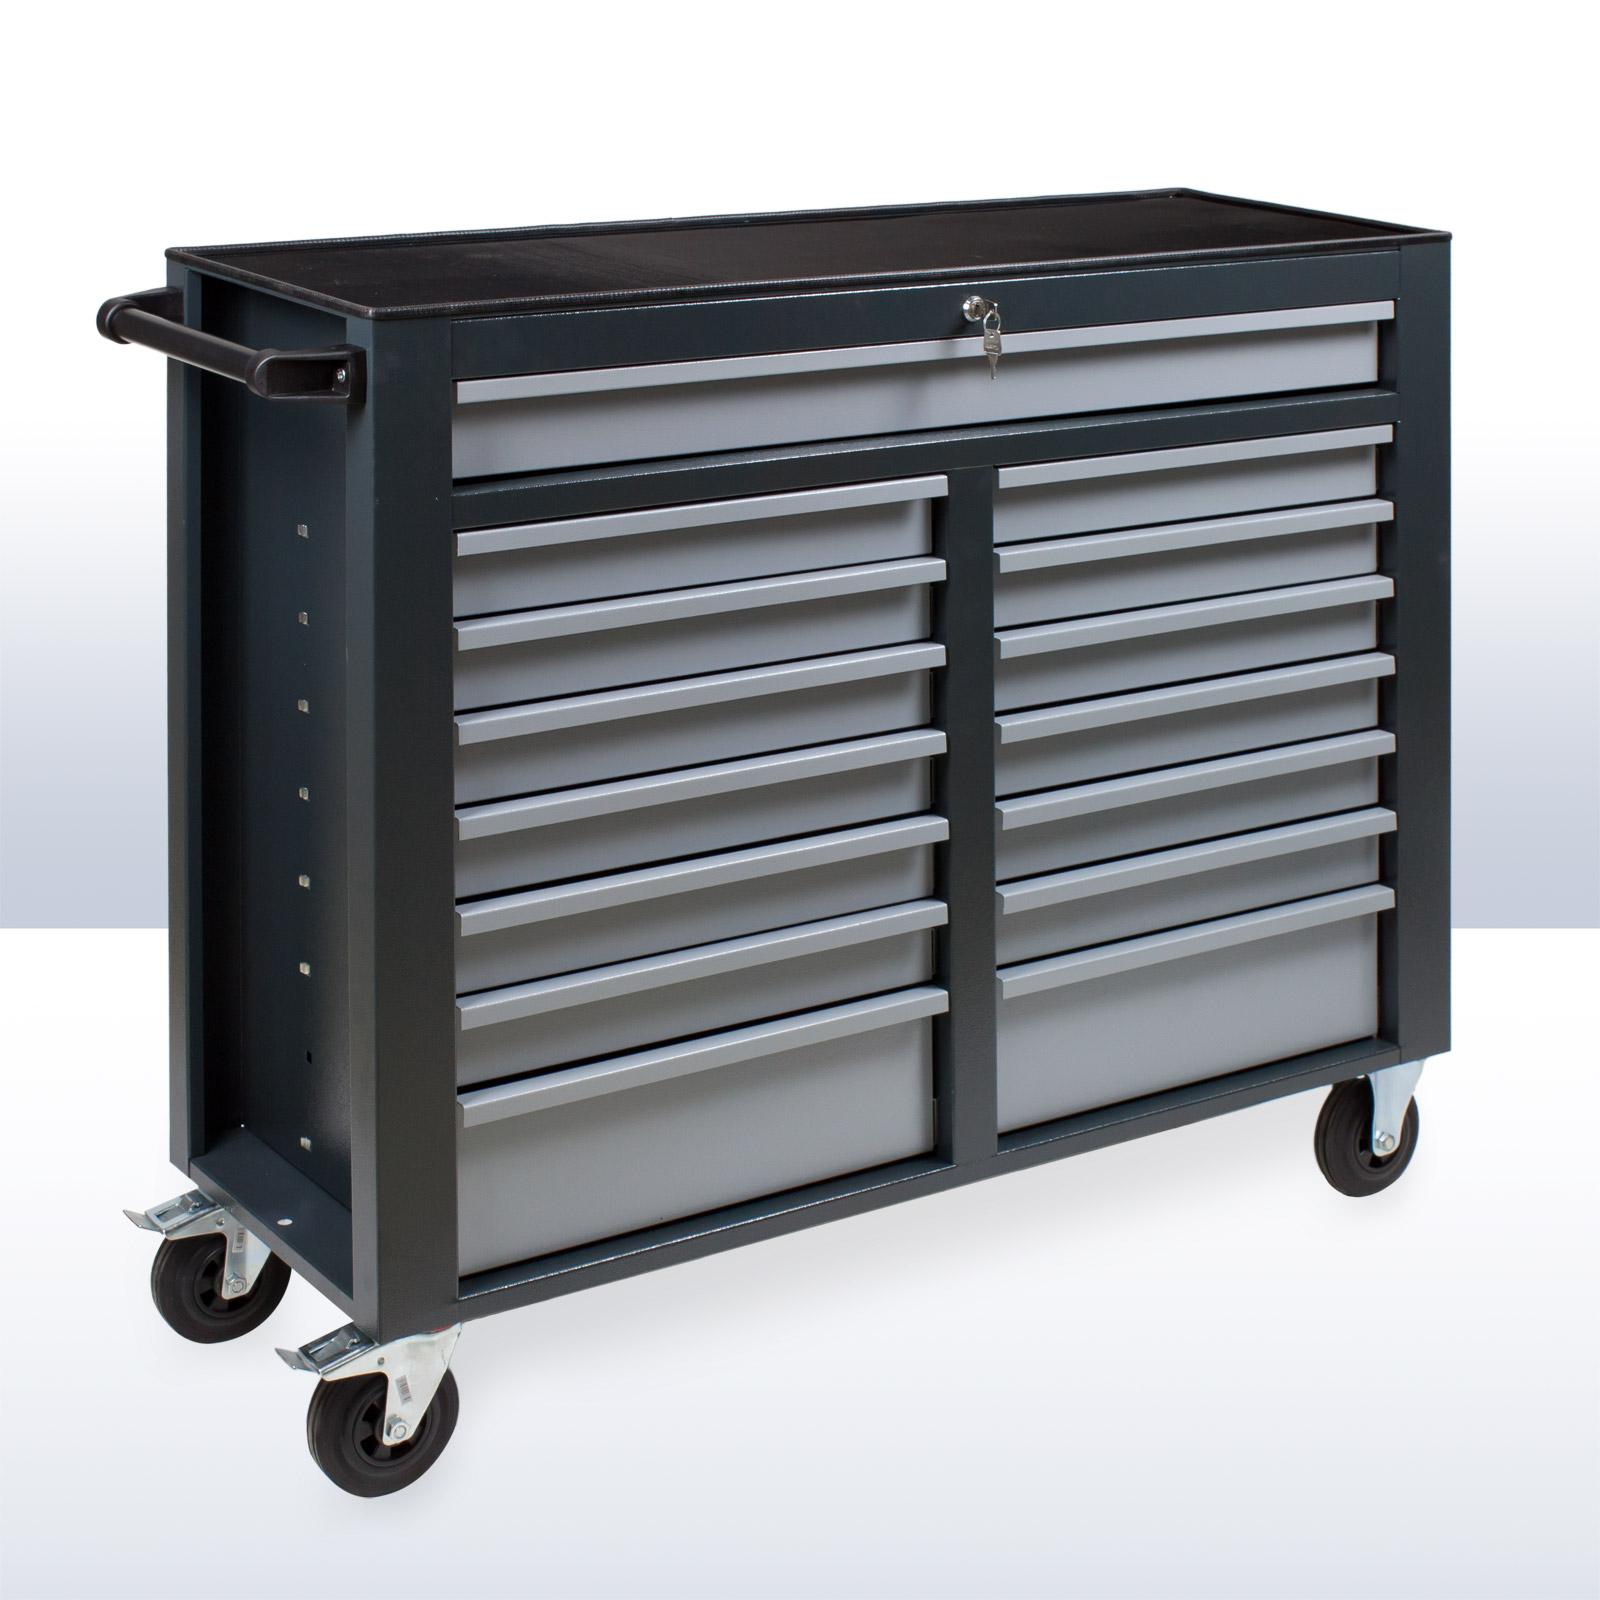 911140 werkstattwagen werkzeugwagen werkzeugkiste kiste. Black Bedroom Furniture Sets. Home Design Ideas